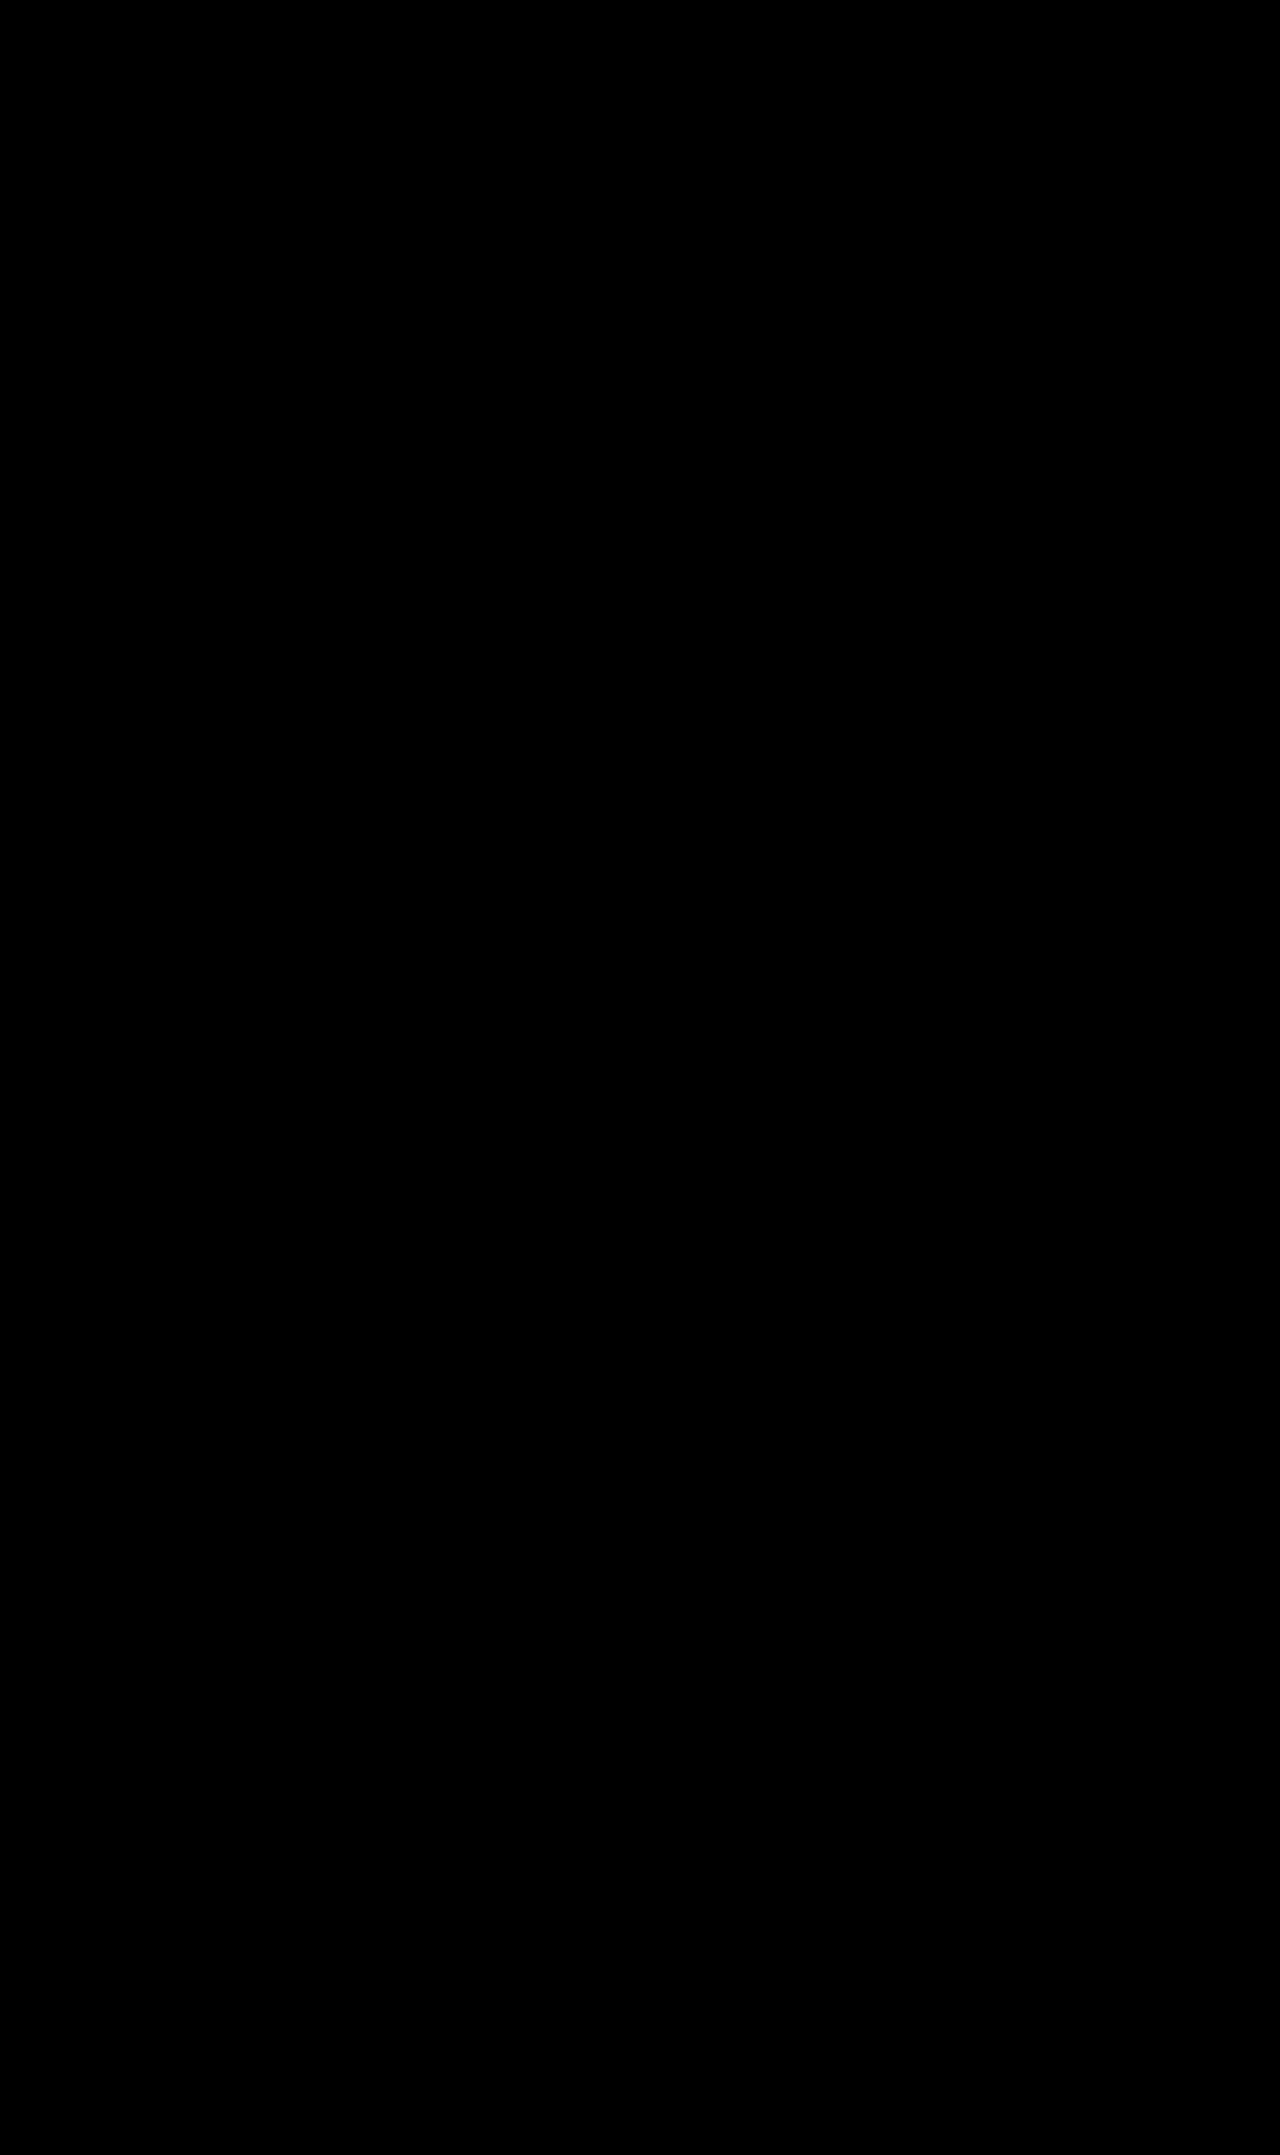 clip art transparent download Son Goku Super Saiyan